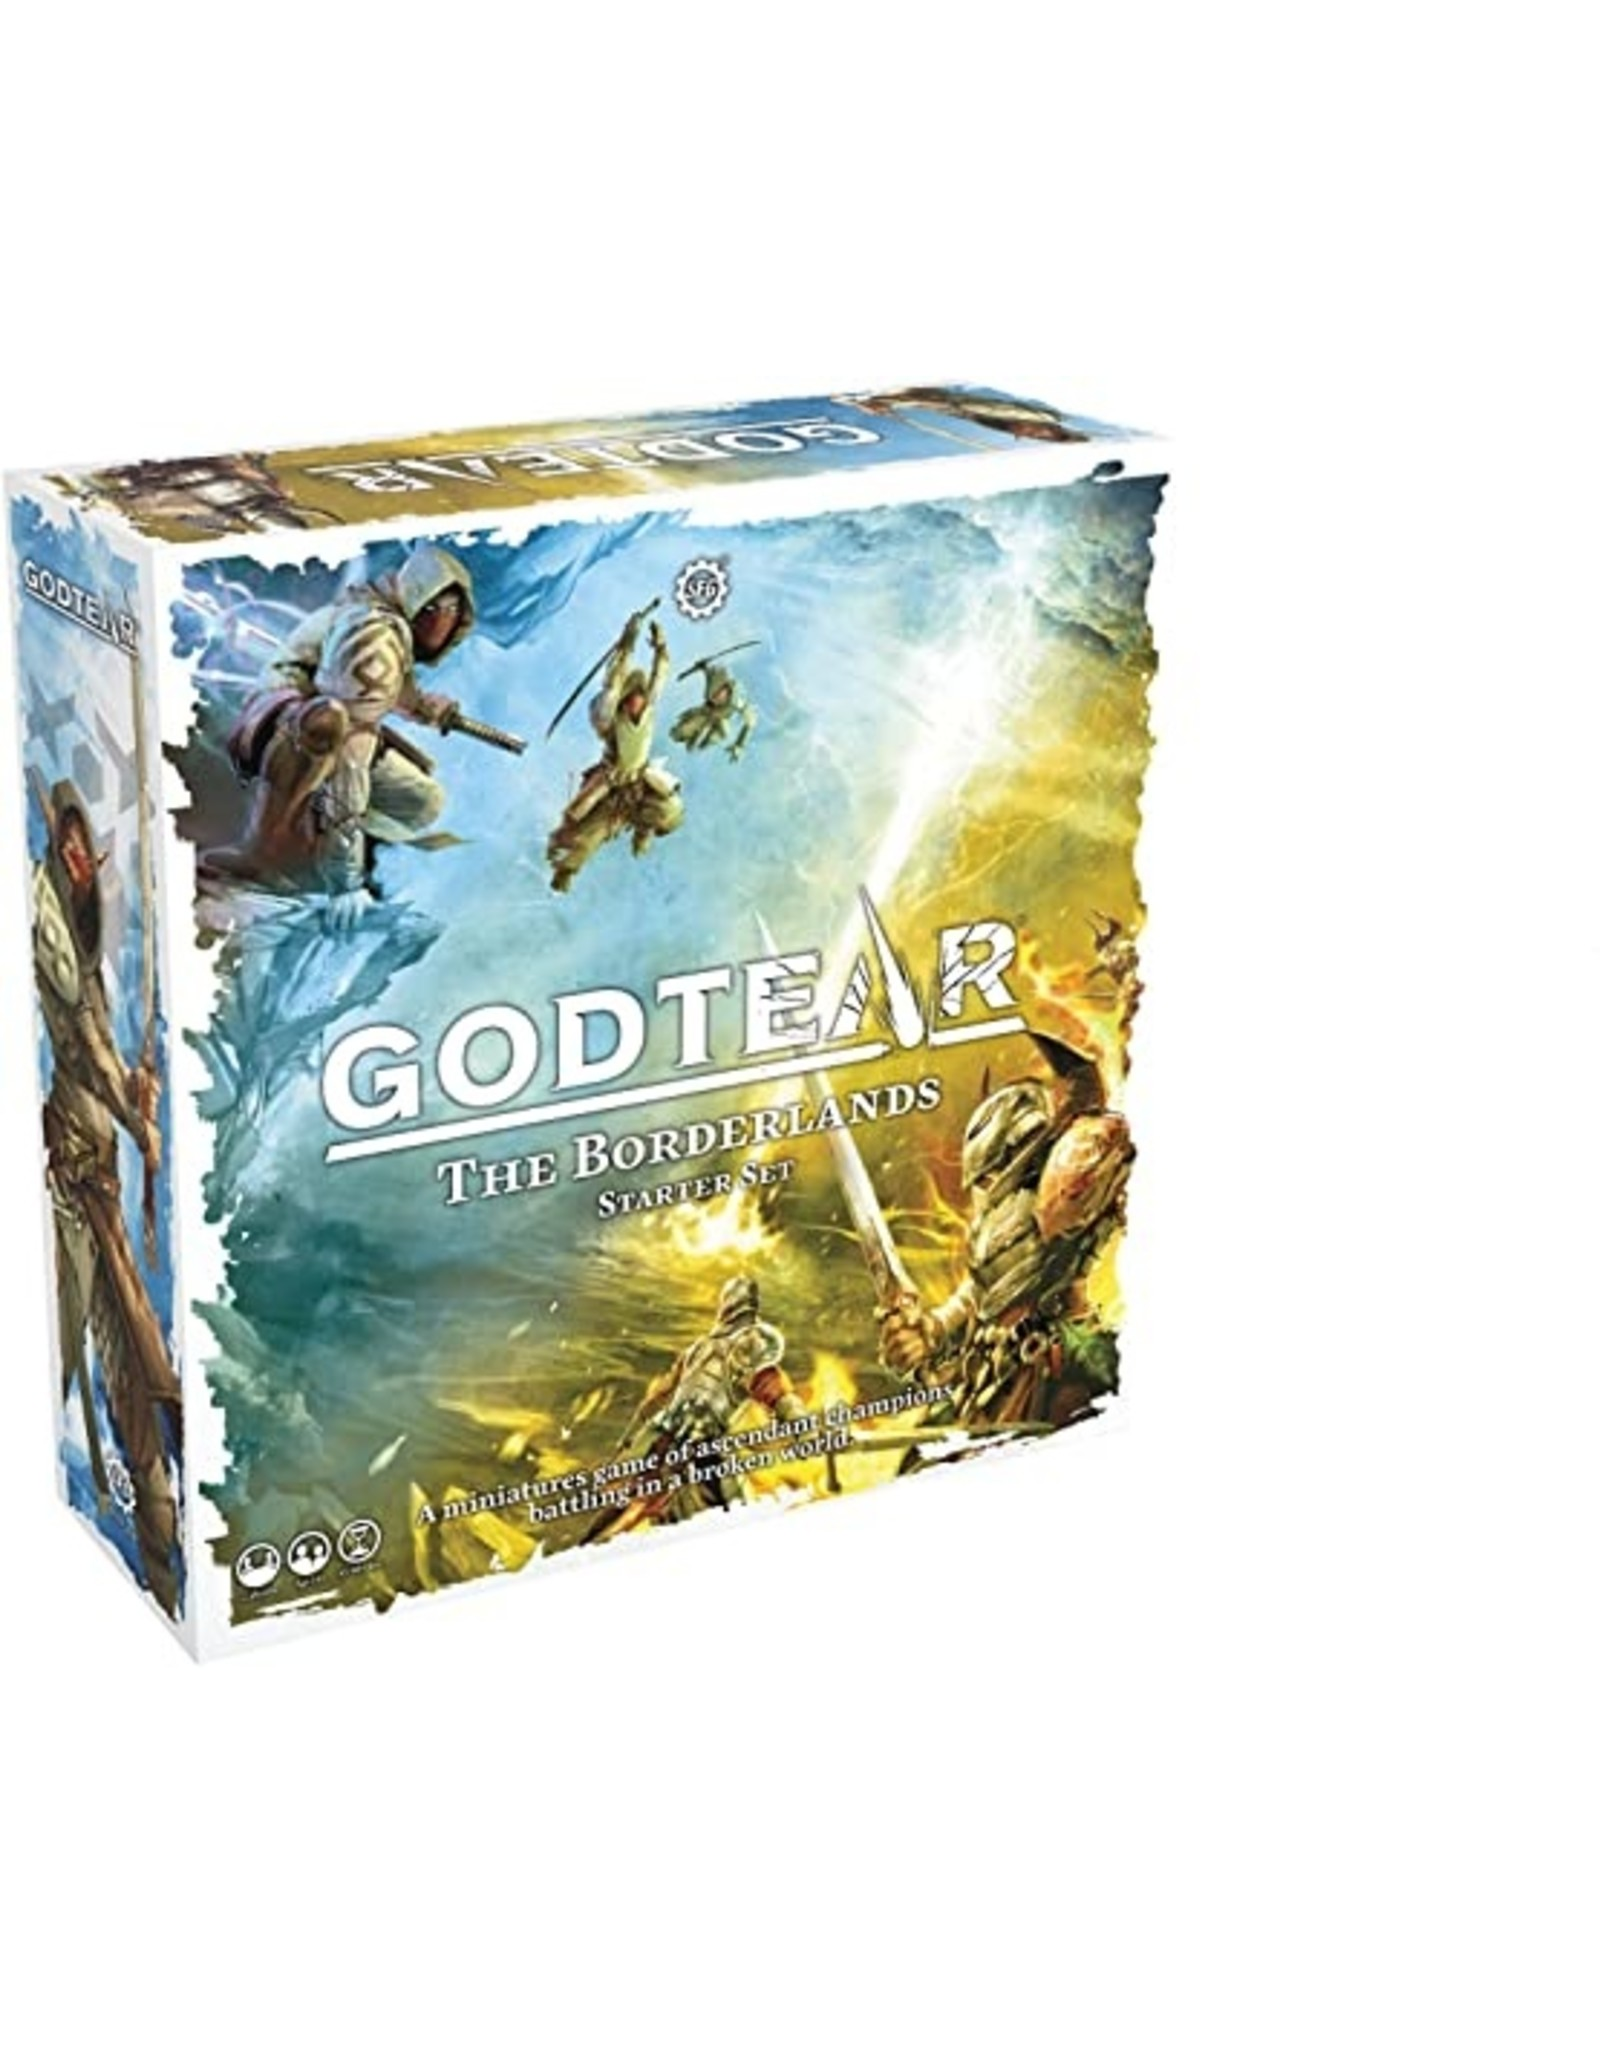 Godtear: The Borderlands Starter Kit